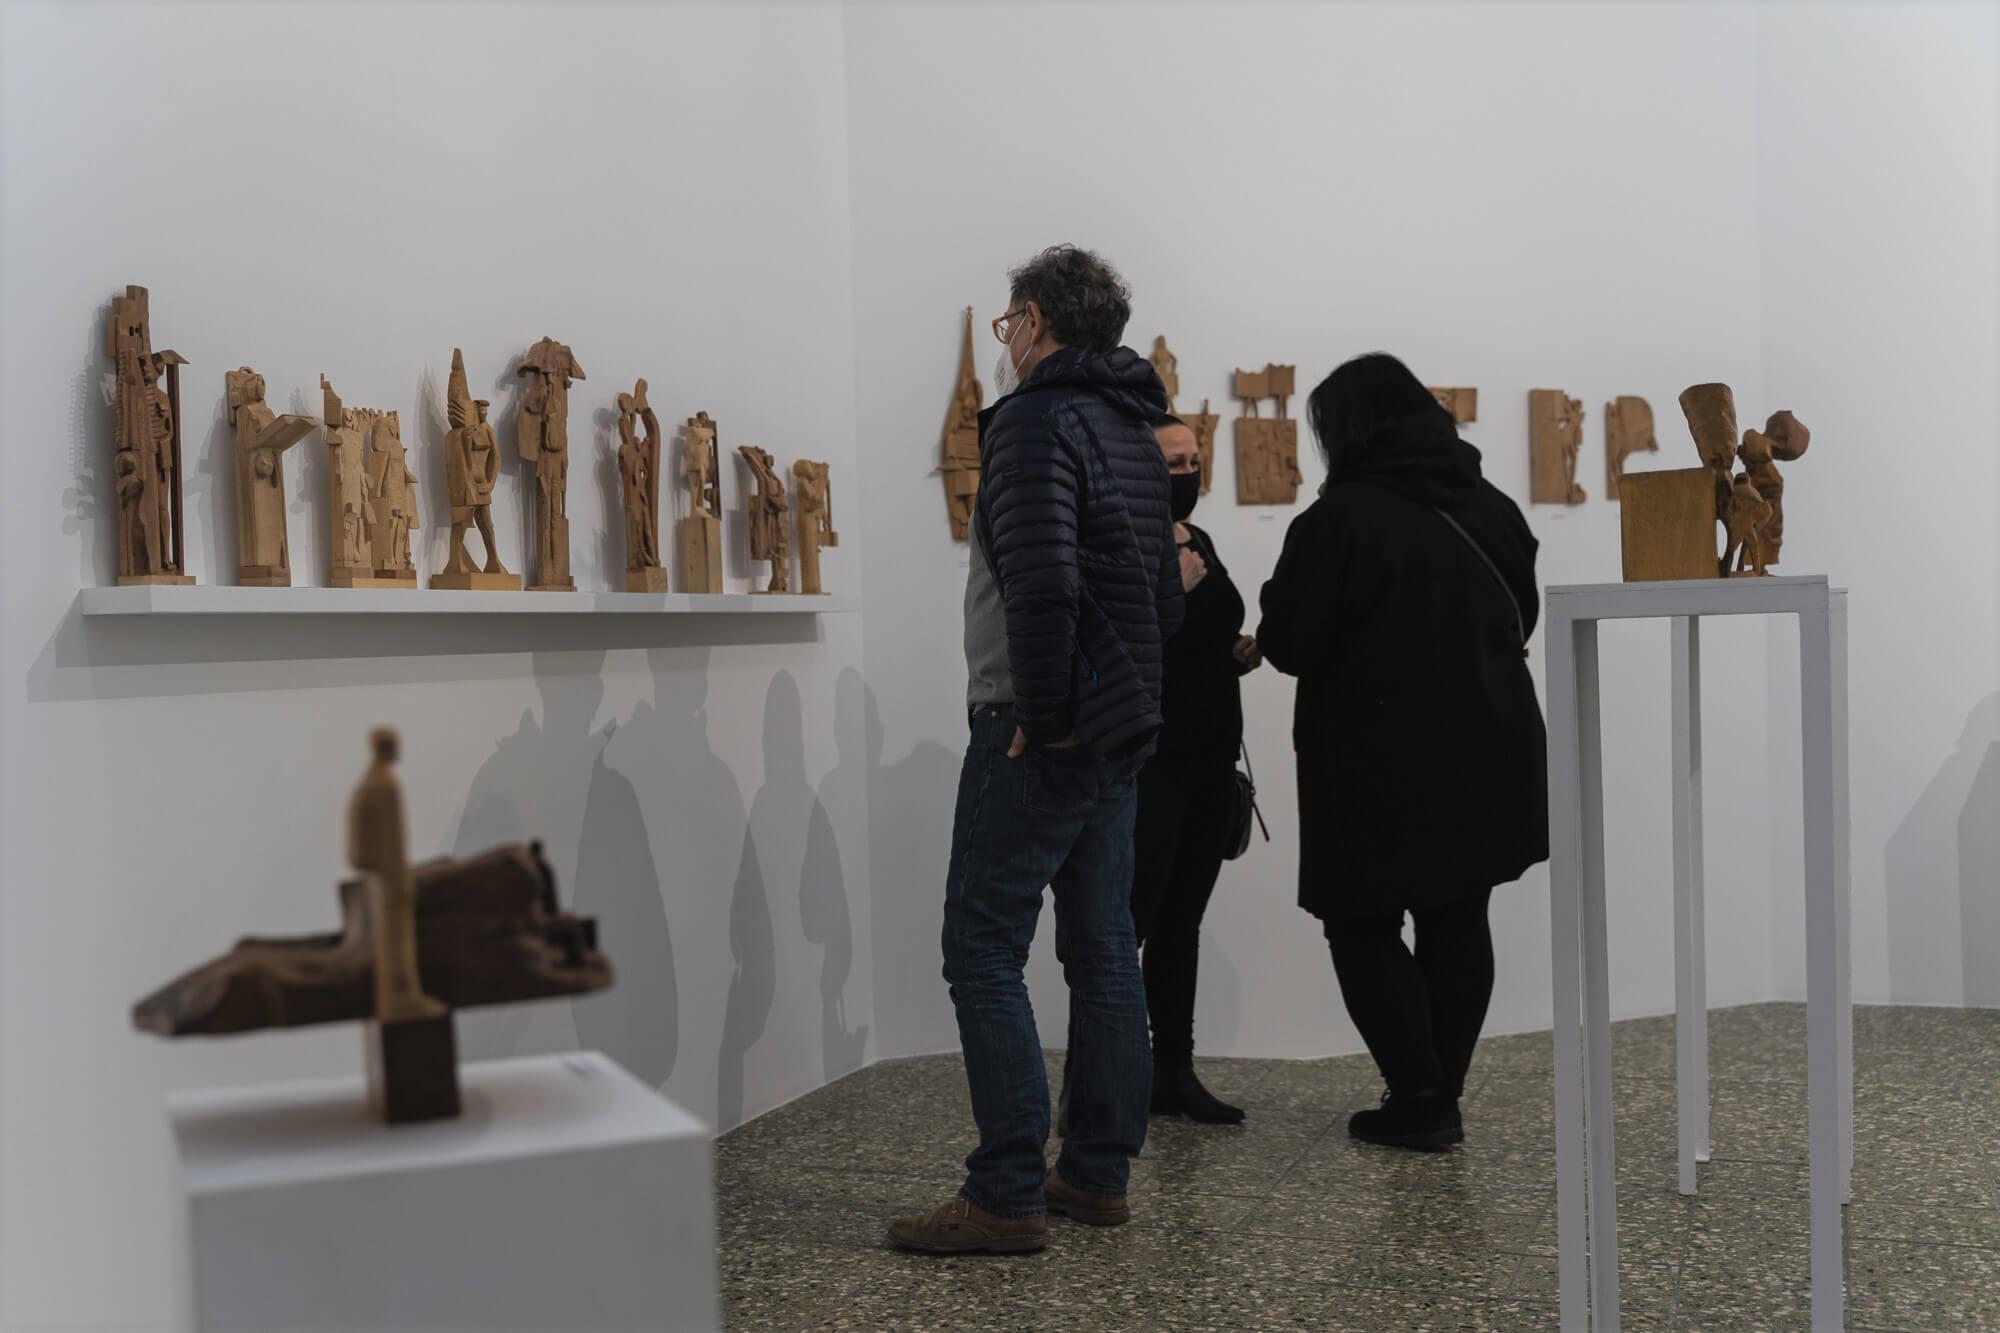 Kilka osób ogląda wystawę rzeźb w Galerii